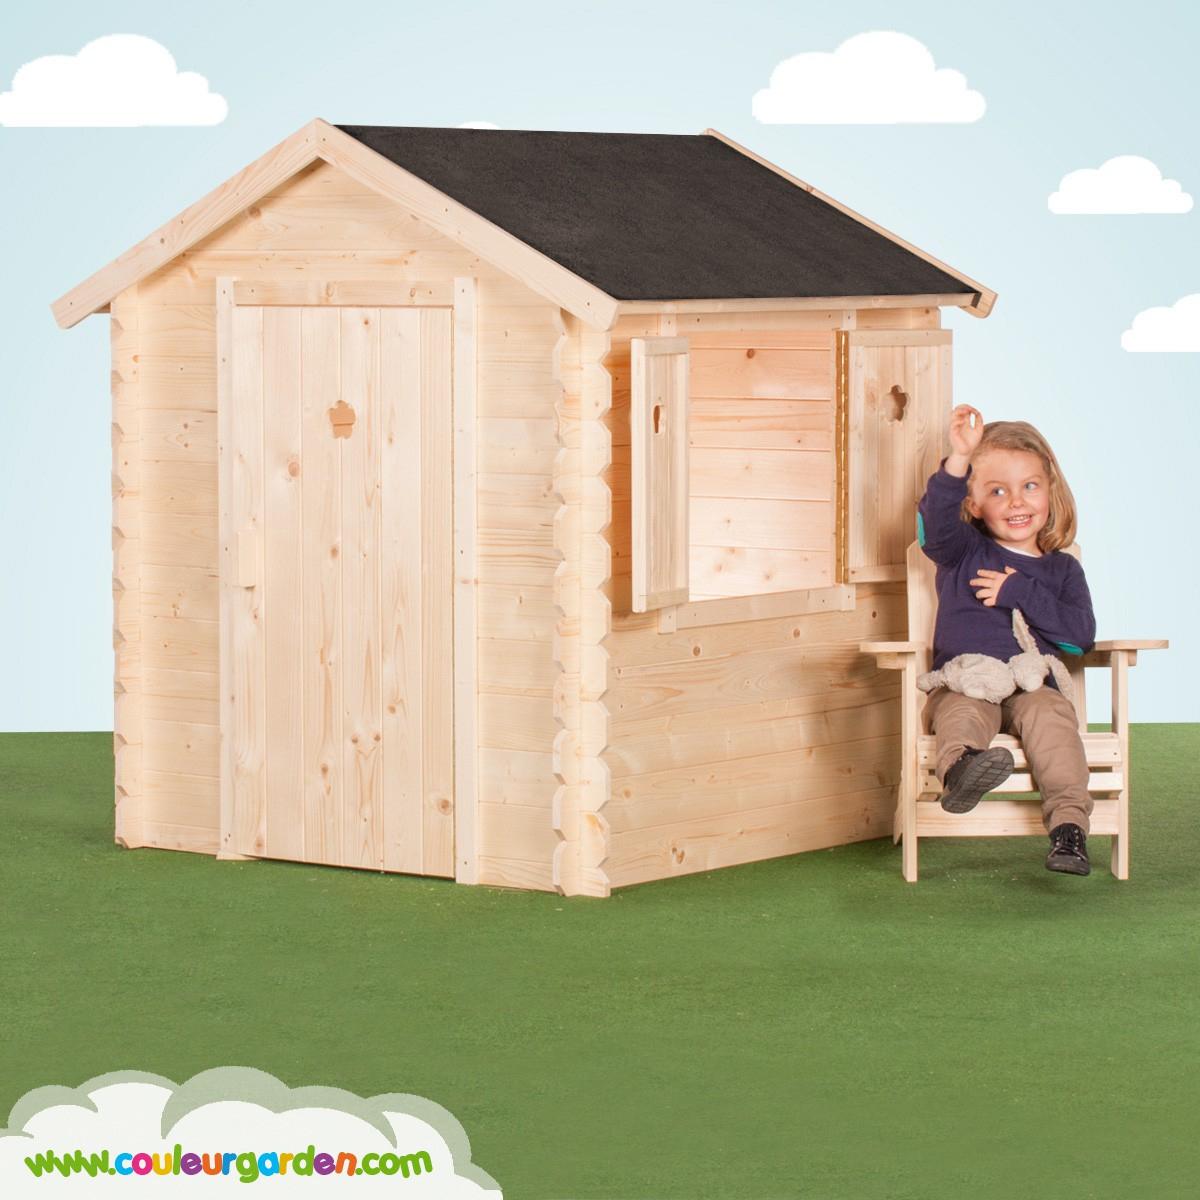 Cabane De Jardin En Bois Pas Cher Maison En Bois Pour Enfant ... destiné Cabane De Jardin Enfant Pas Cher